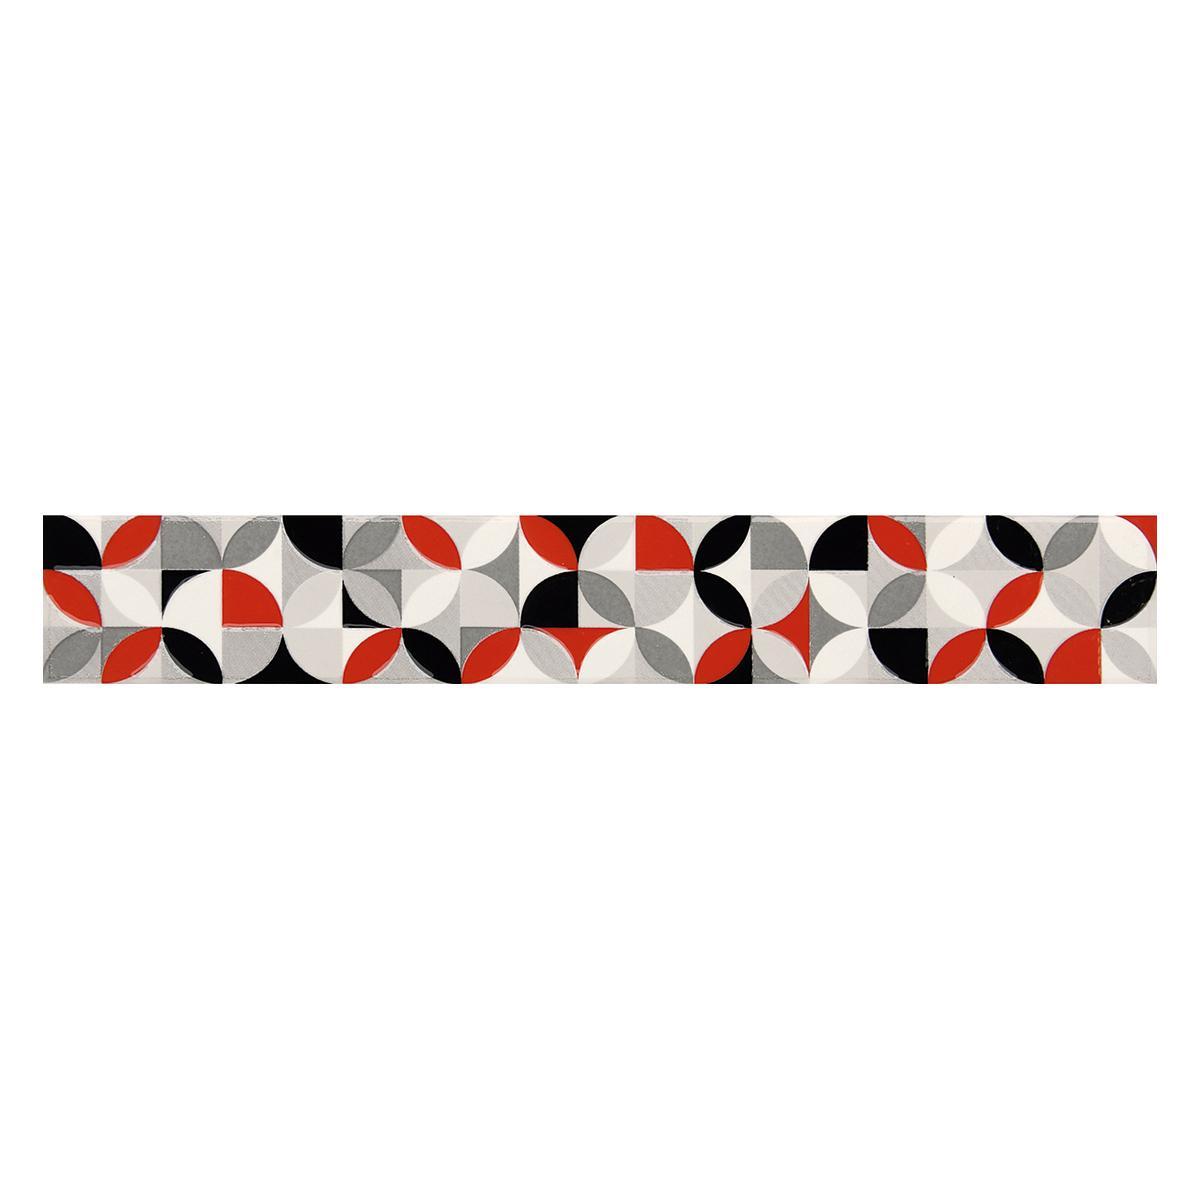 Listelo Decorado Multicolor Brillante - 6X39.5 cm - 1 pza